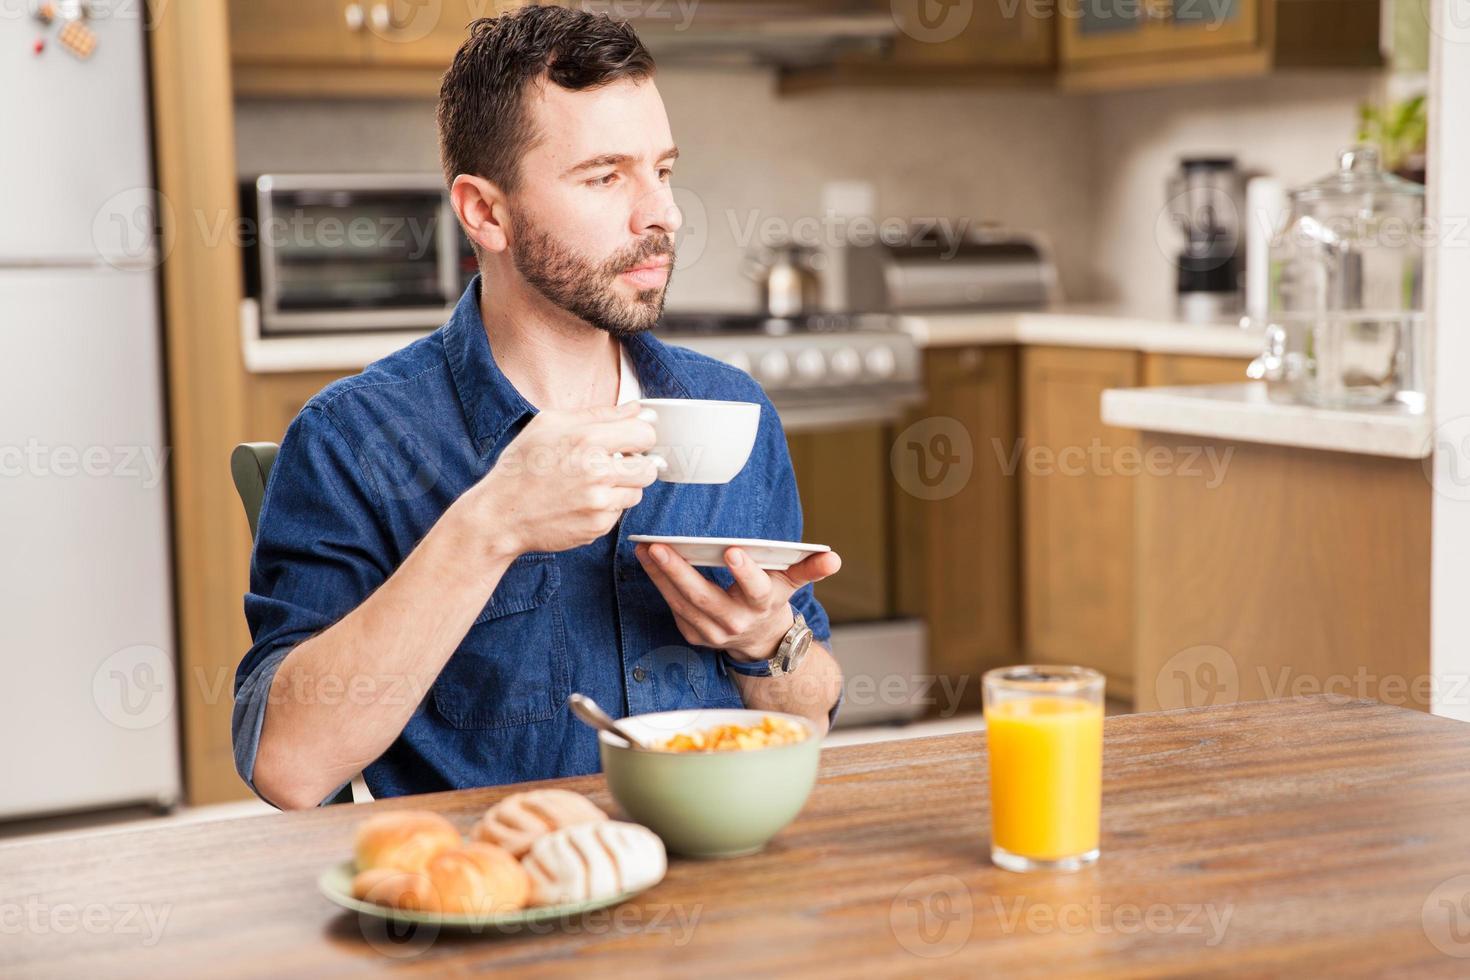 cara curtindo café no café da manhã foto